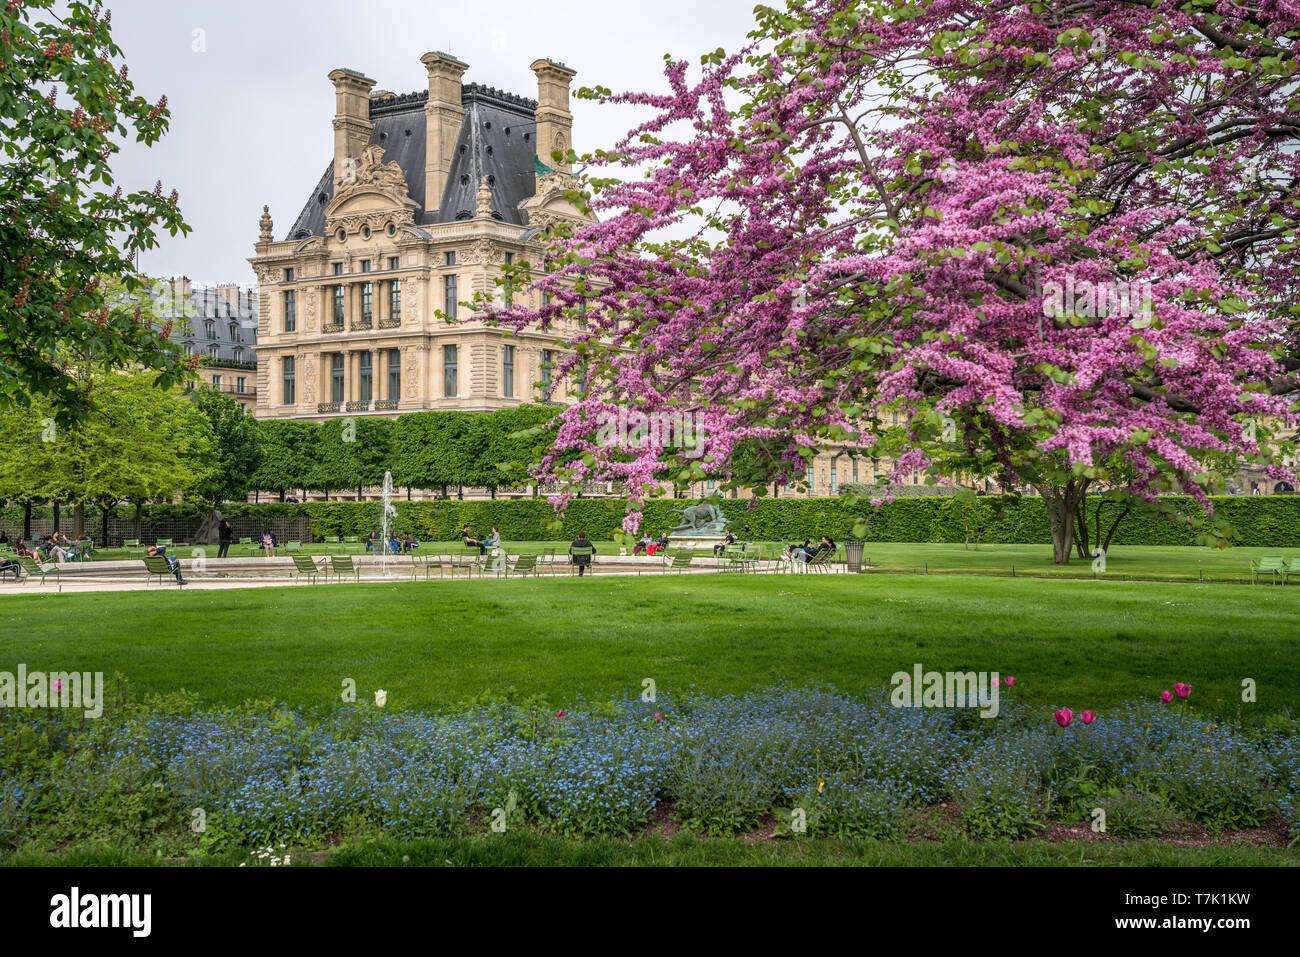 Frühling im Park Jardin des Tuileries, Paris, Frankreich  | spring at the park Jardin des Tuileries, Paris, France - Stock Image